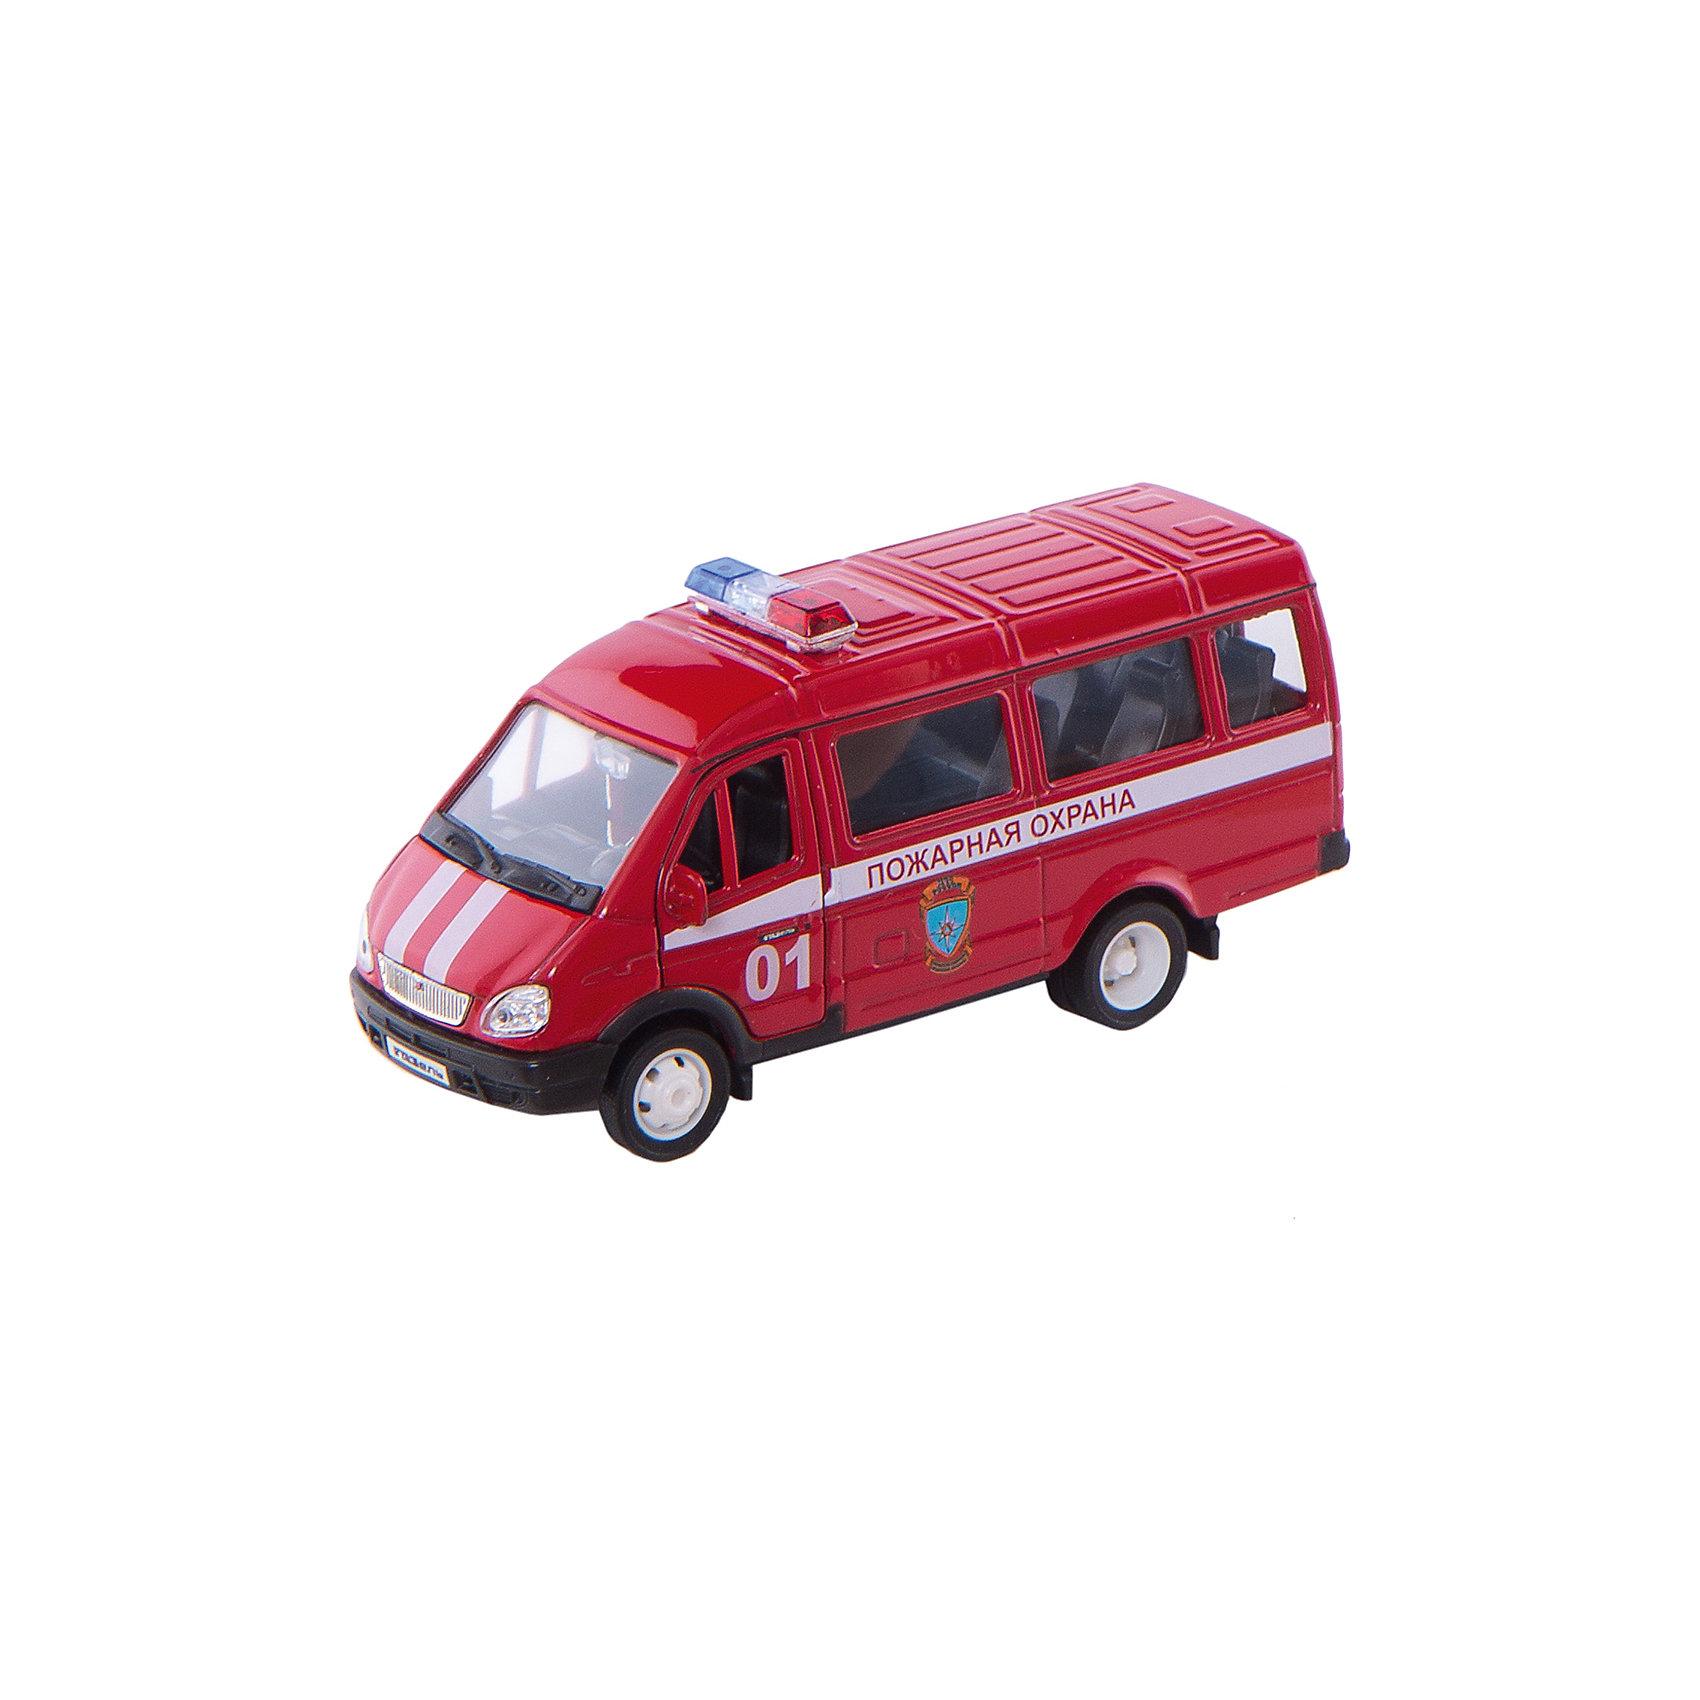 Welly Welly Модель машины ГАЗель Пожарная охрана машинки welly игрушка модель машины автокран